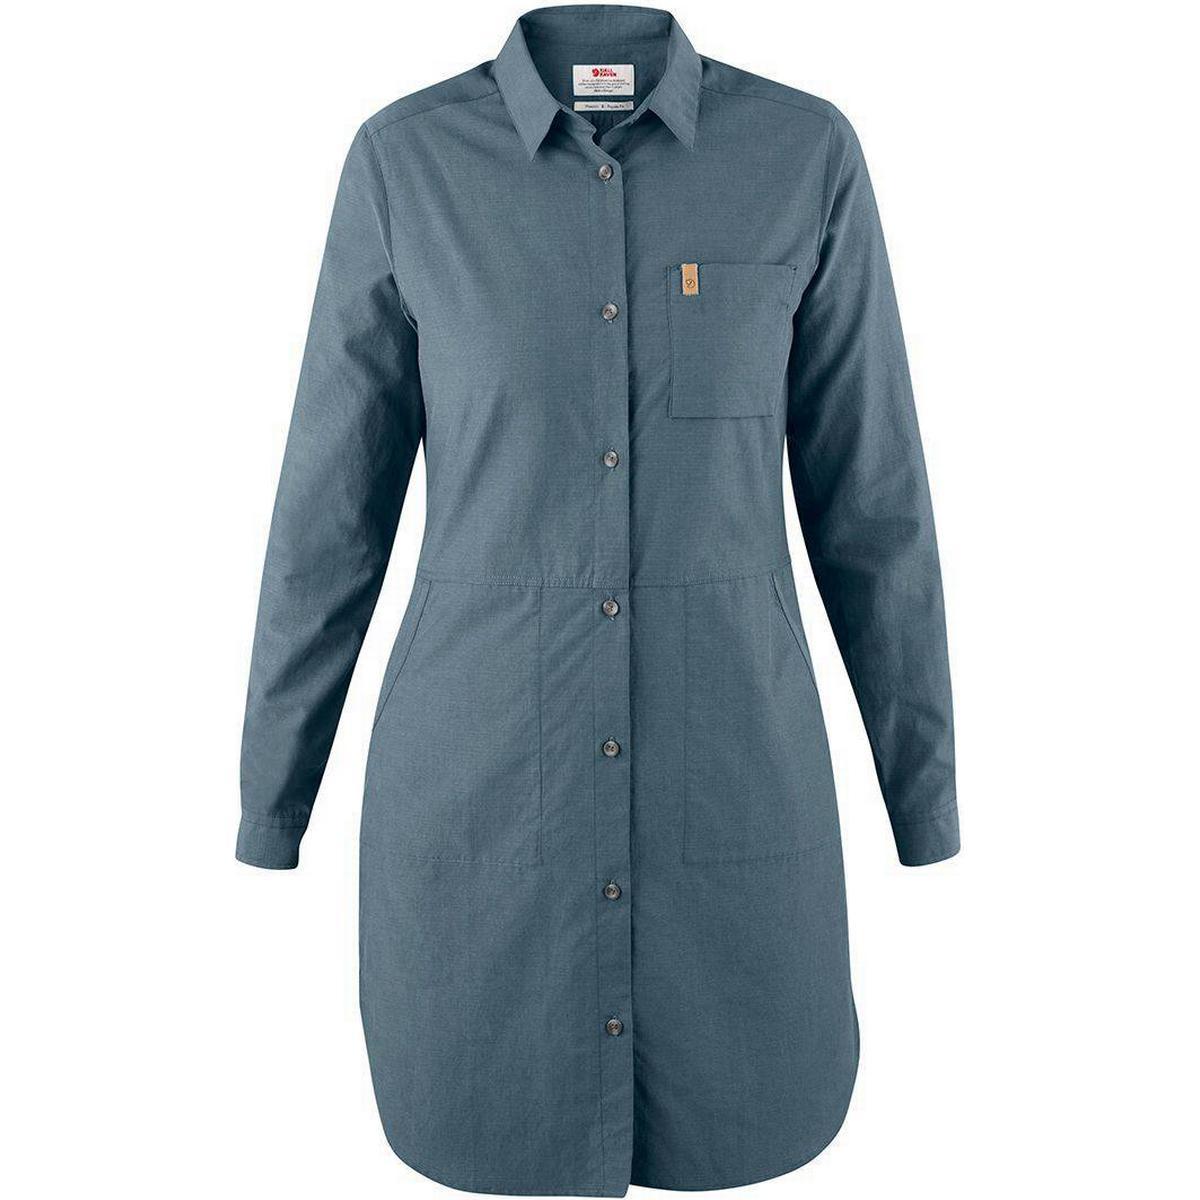 54c71c5b40cf Skjortekjole Dametøj - Sammenlign priser hos PriceRunner